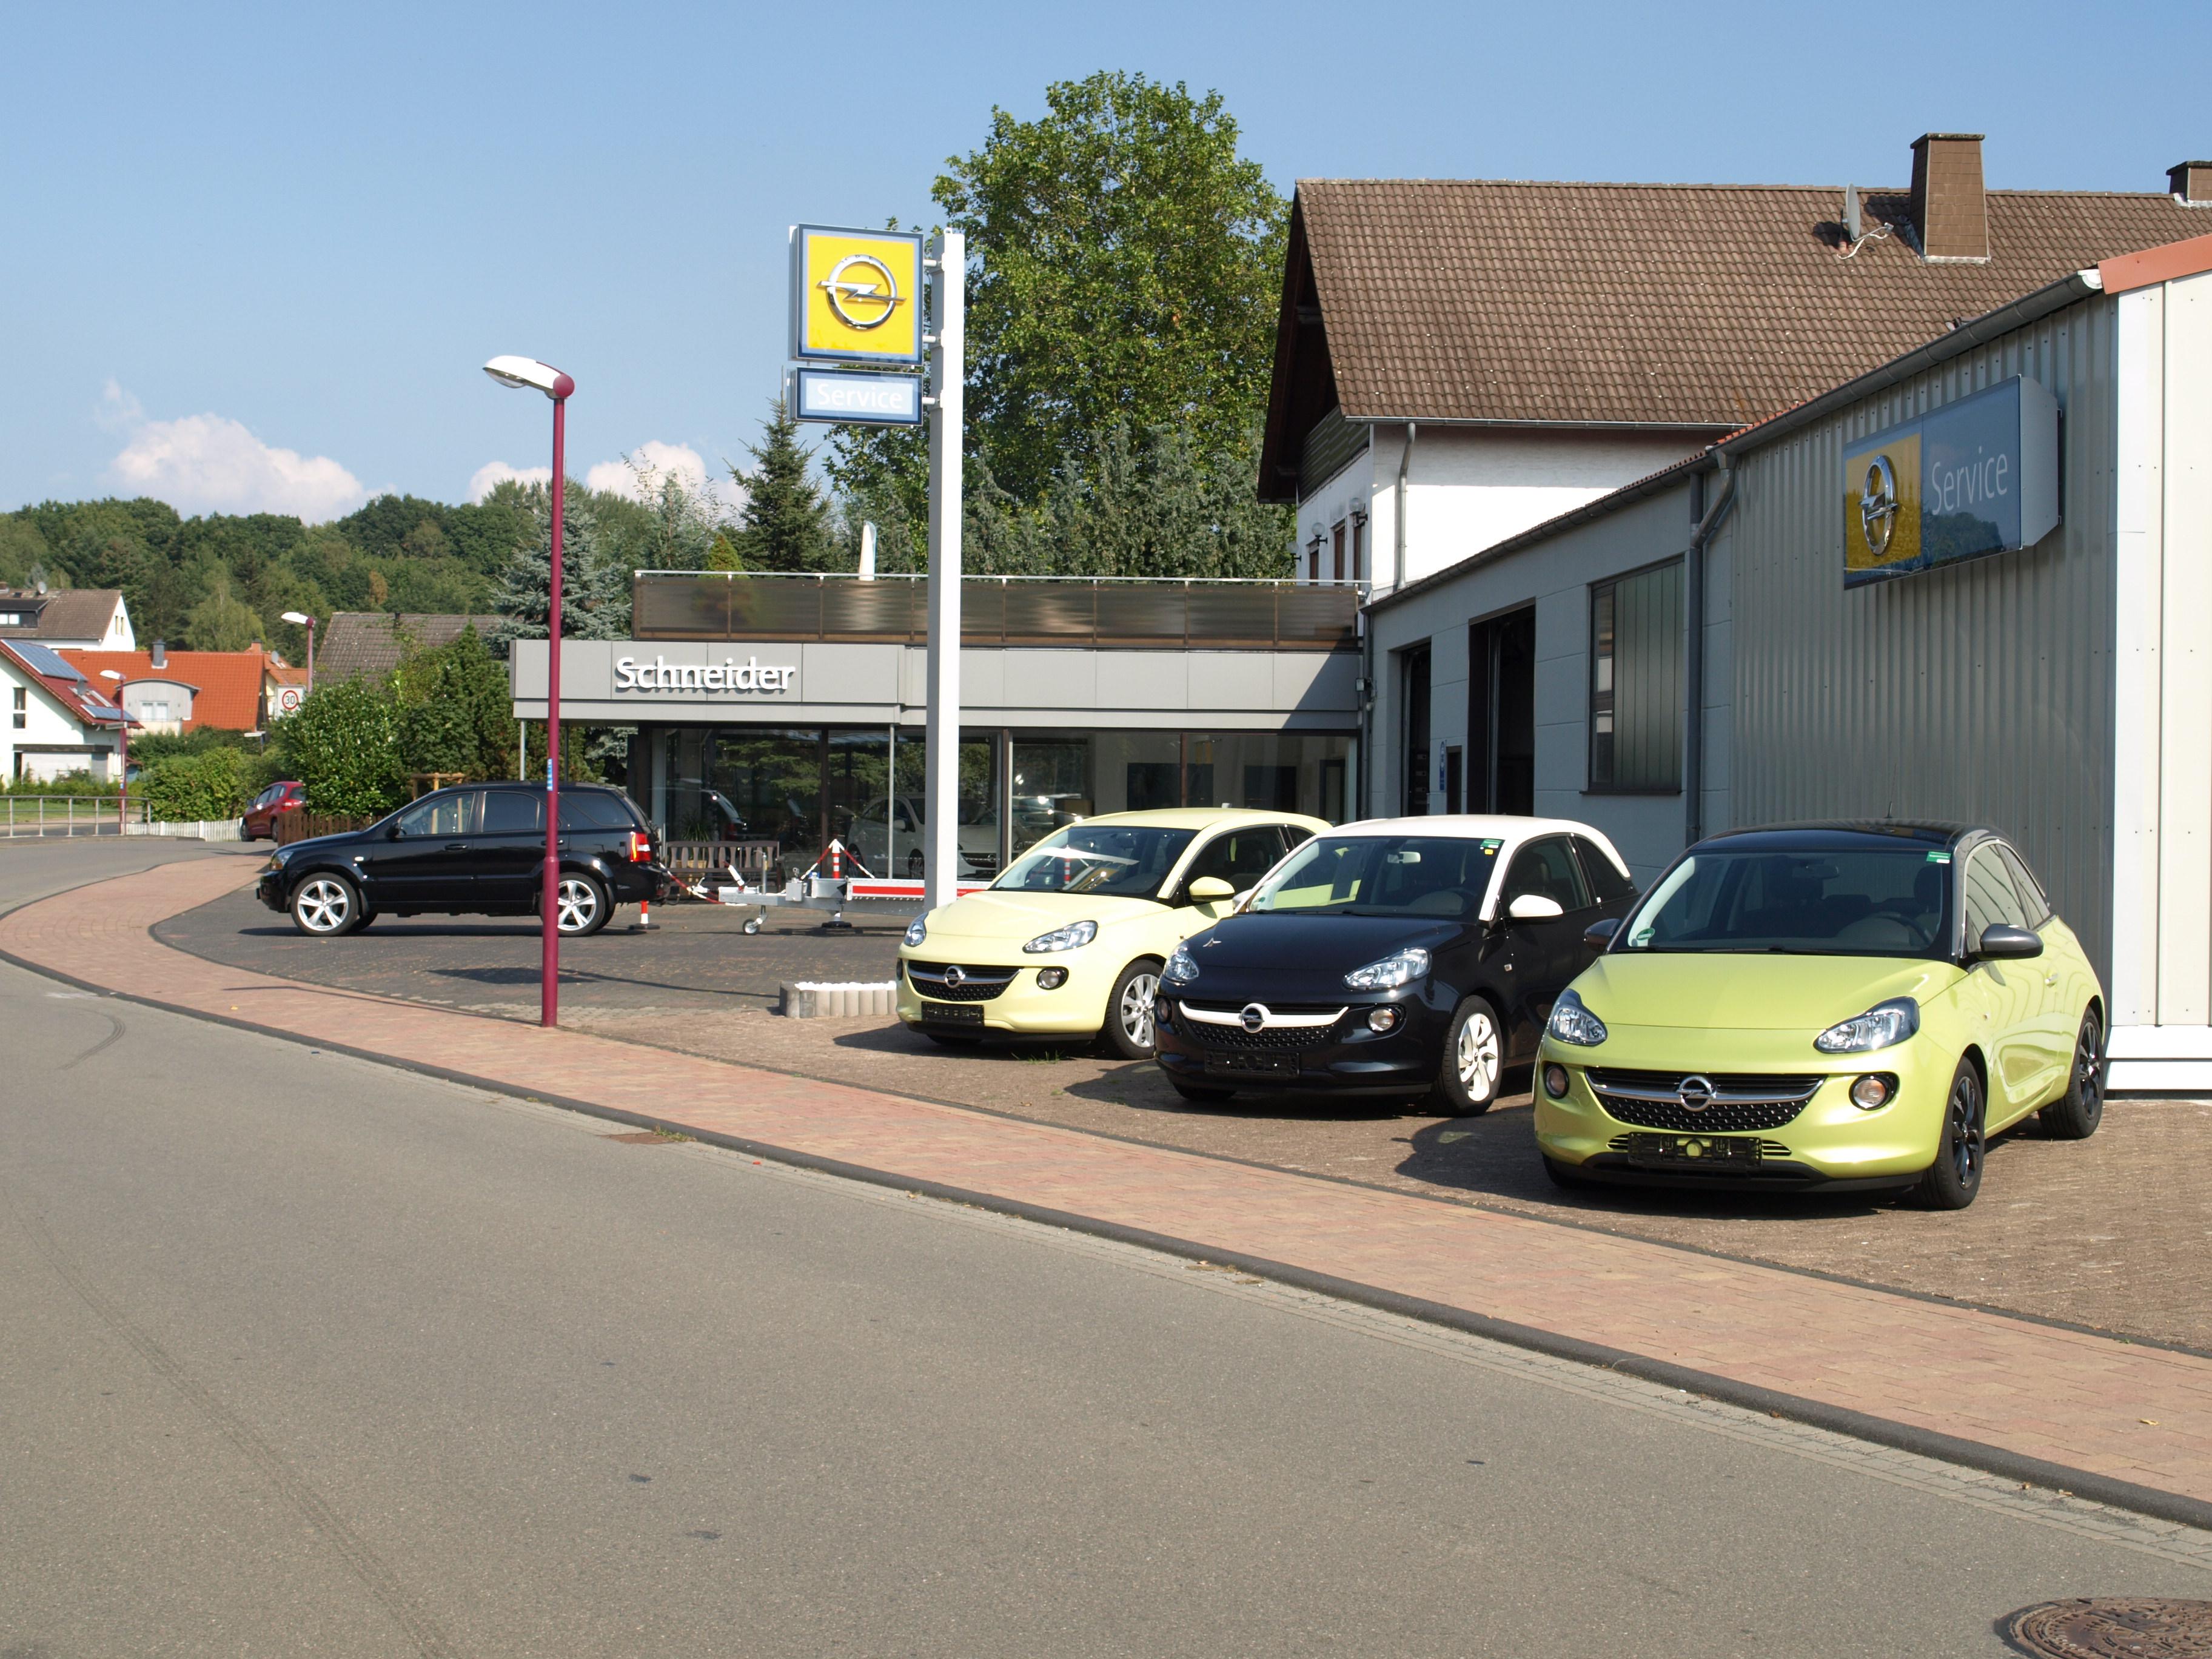 autohaus schneider opel service partner kfz werkstatt gebrauchtwagen in kaufungen. Black Bedroom Furniture Sets. Home Design Ideas